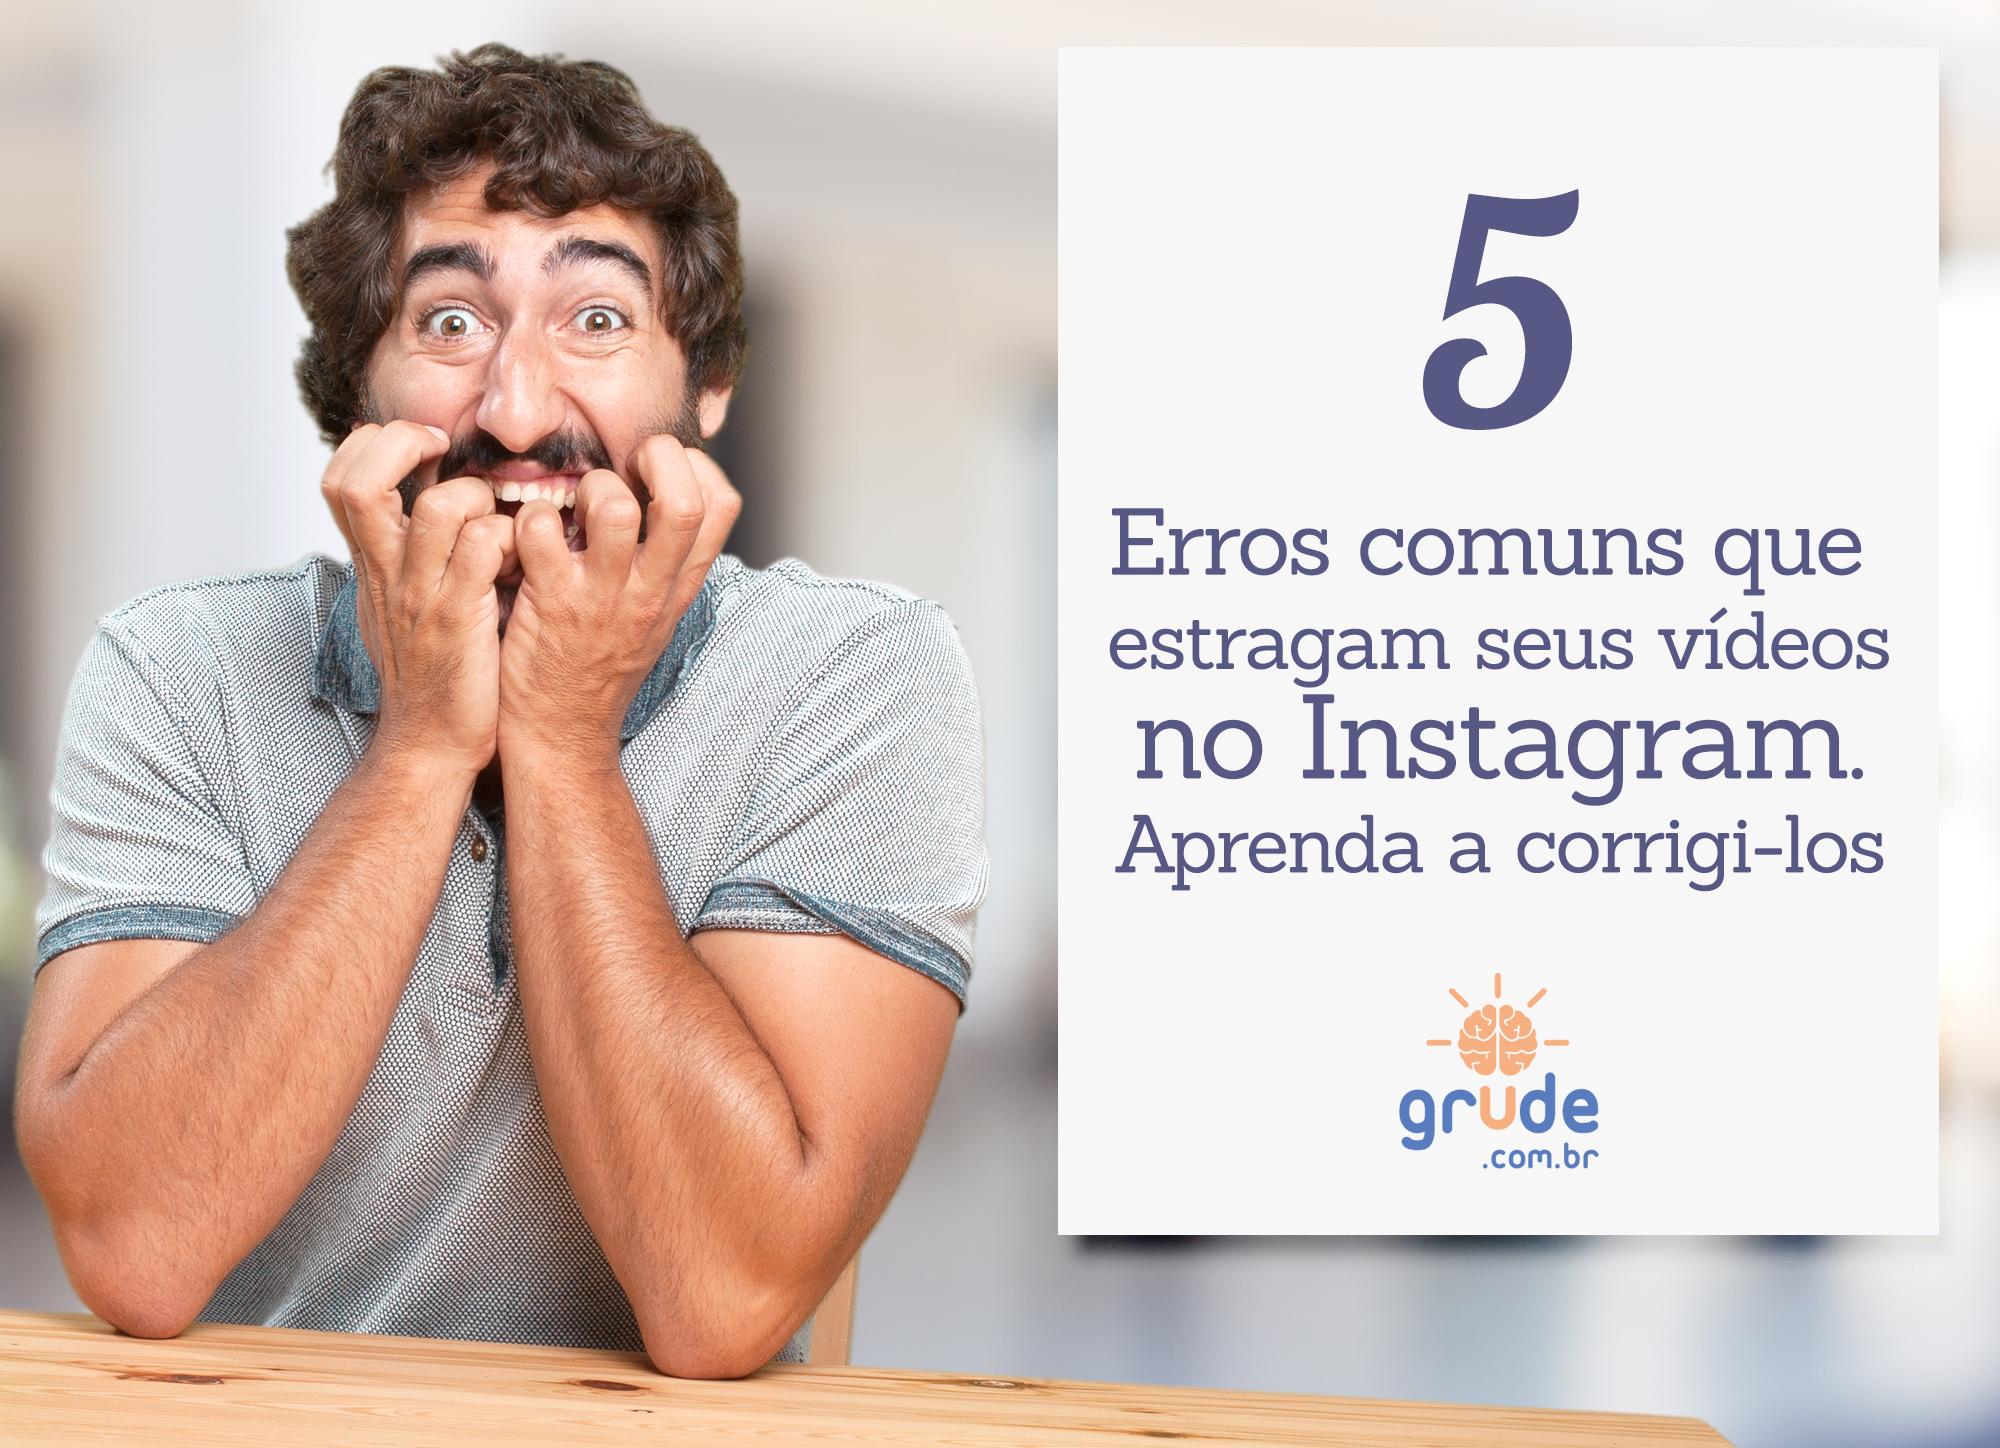 5 erros comuns ao publicar vídeos no Instagram que estragam sua postagem. Saiba como corrigi-los e publicar vídeos melhores.